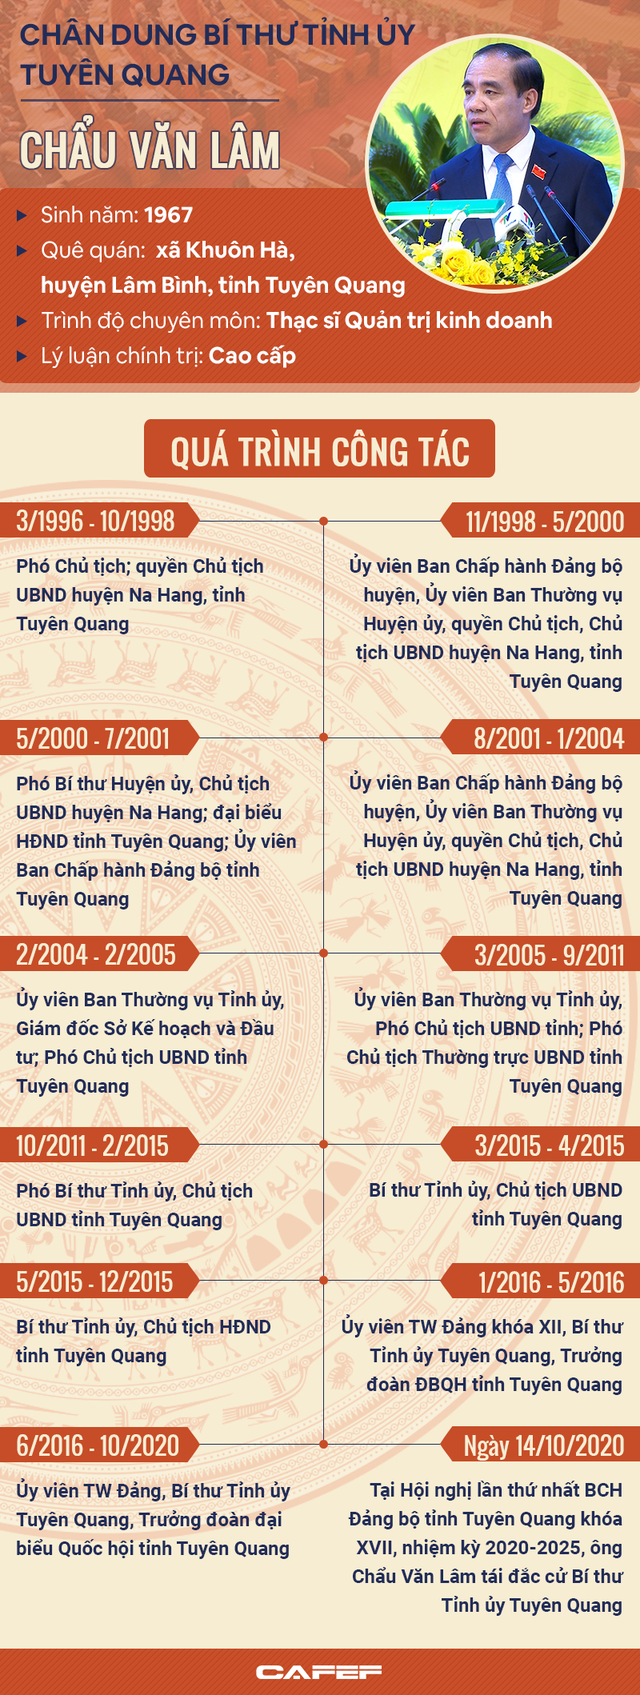 [Infographic]: Chân dung Bí thư Tỉnh ủy Tuyên Quang Chẩu Văn Lâm - Ảnh 1.